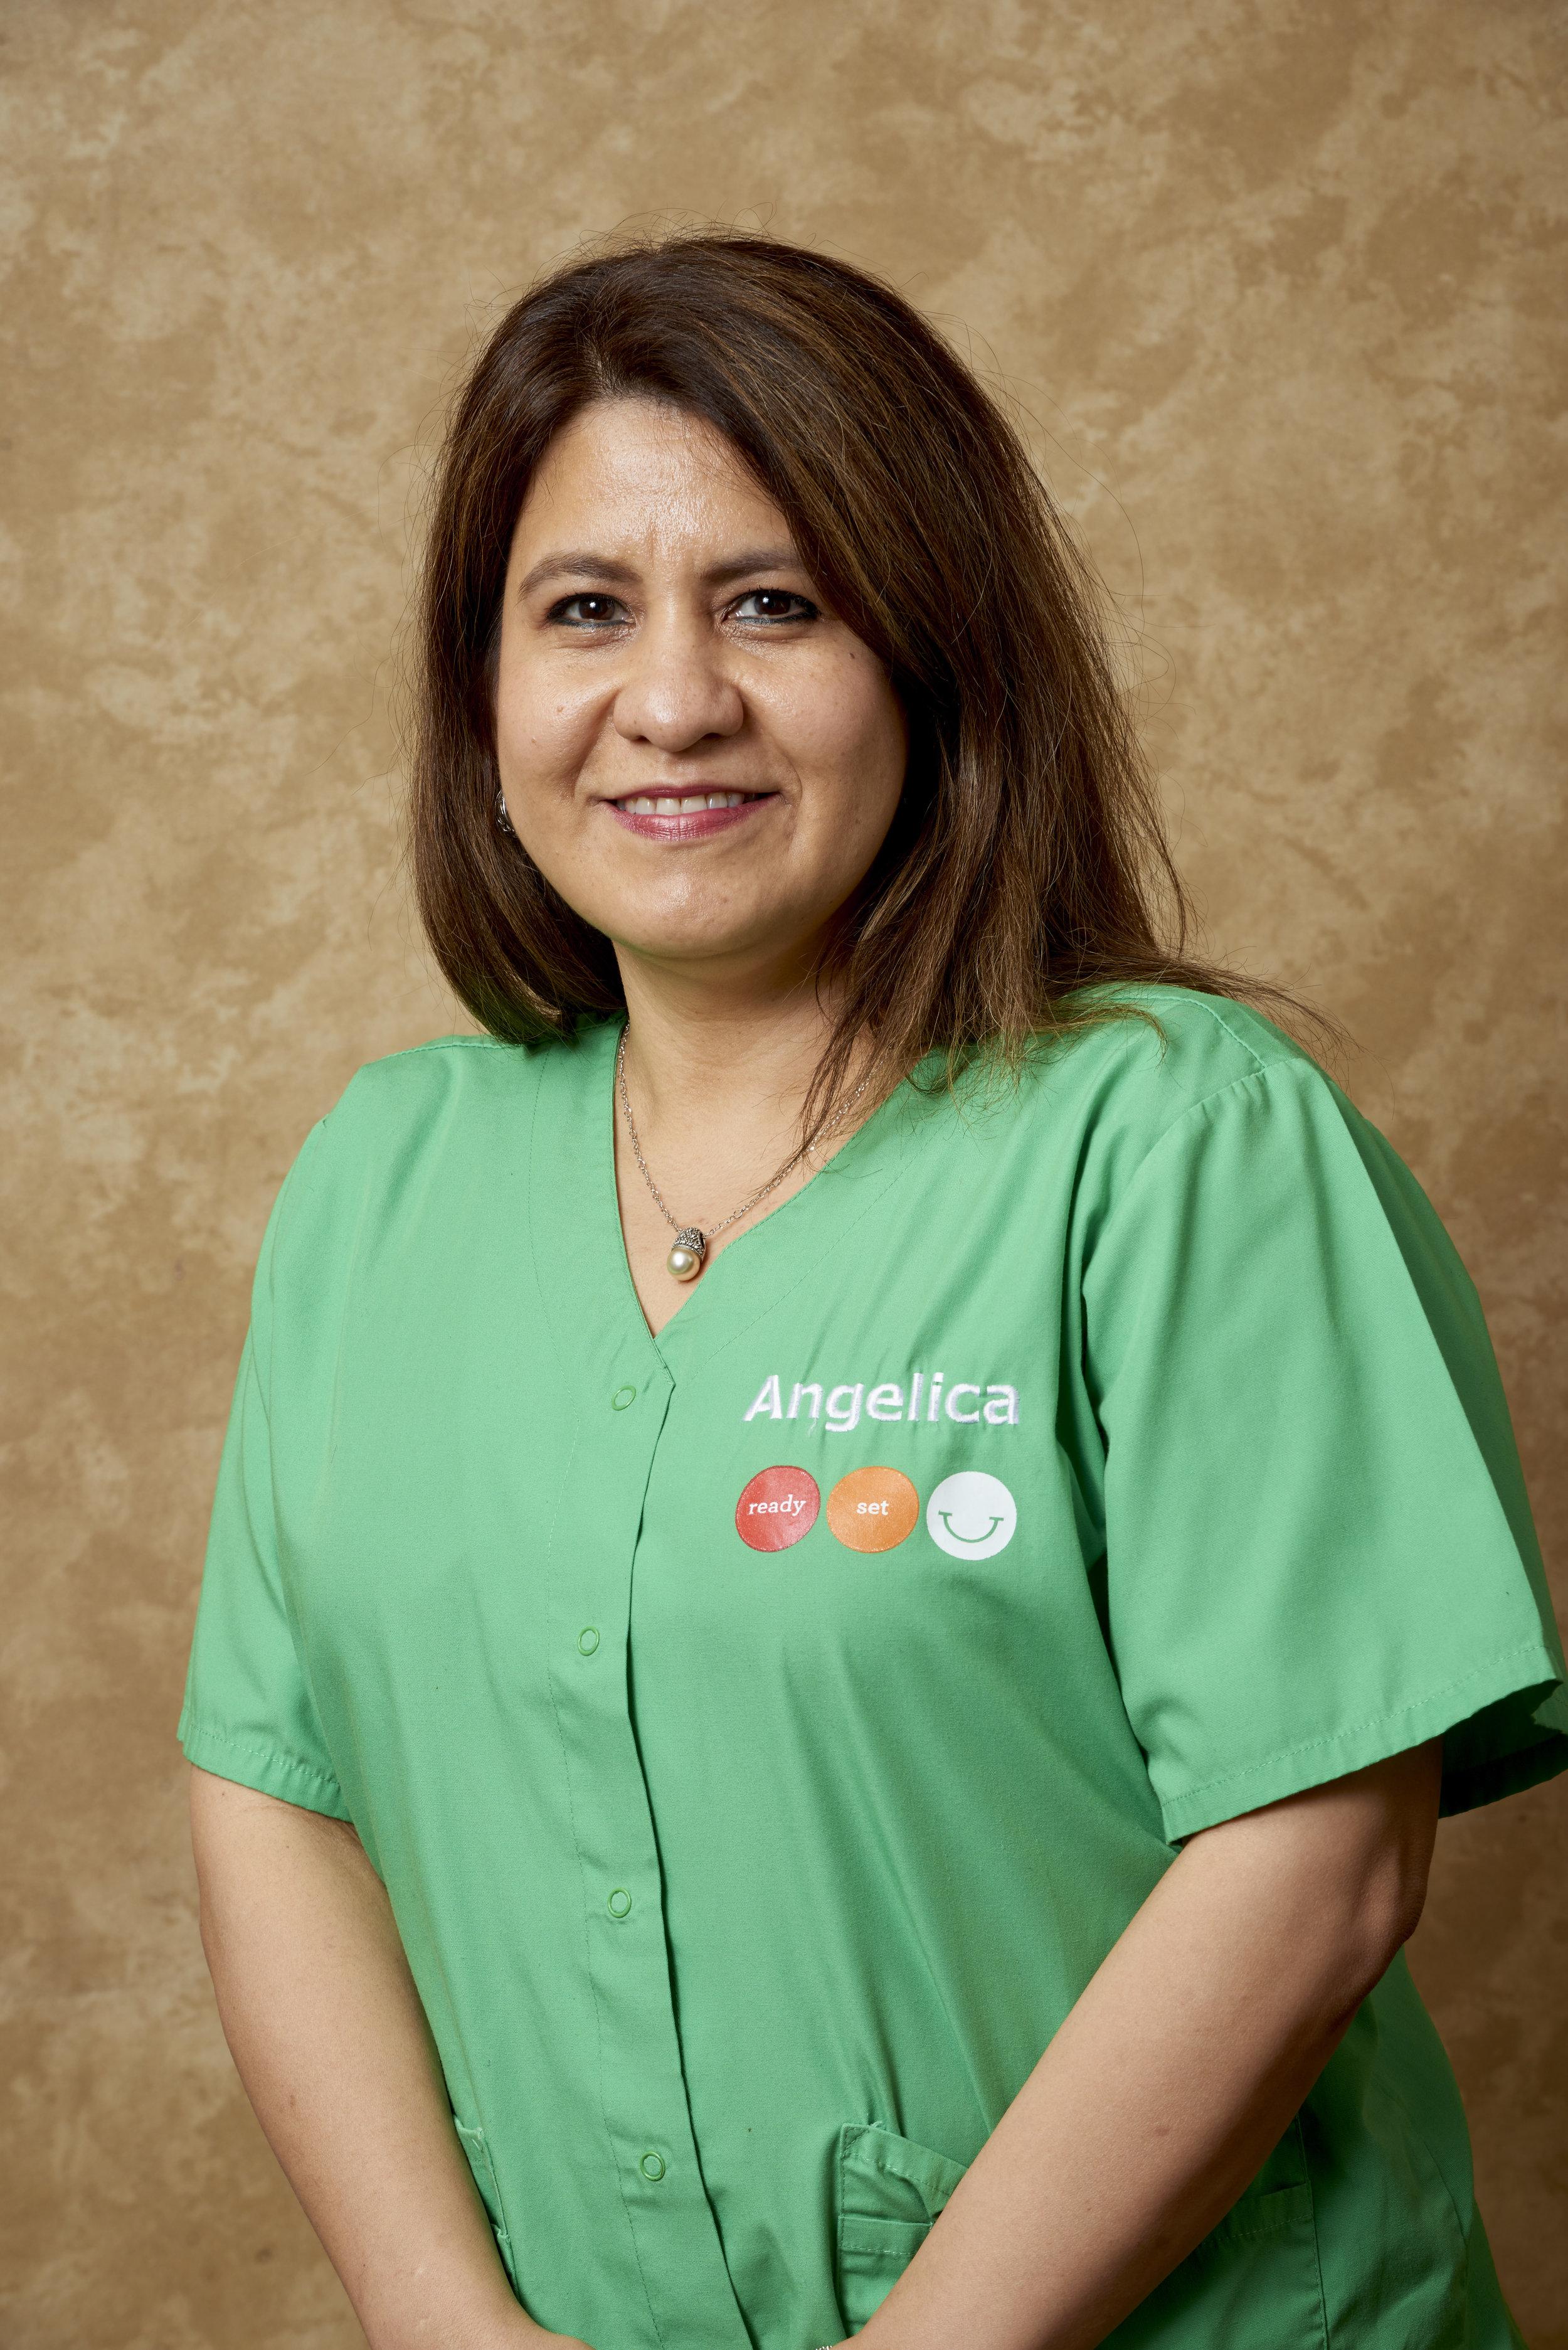 Dental Assistant & Billing Support, Anjelica